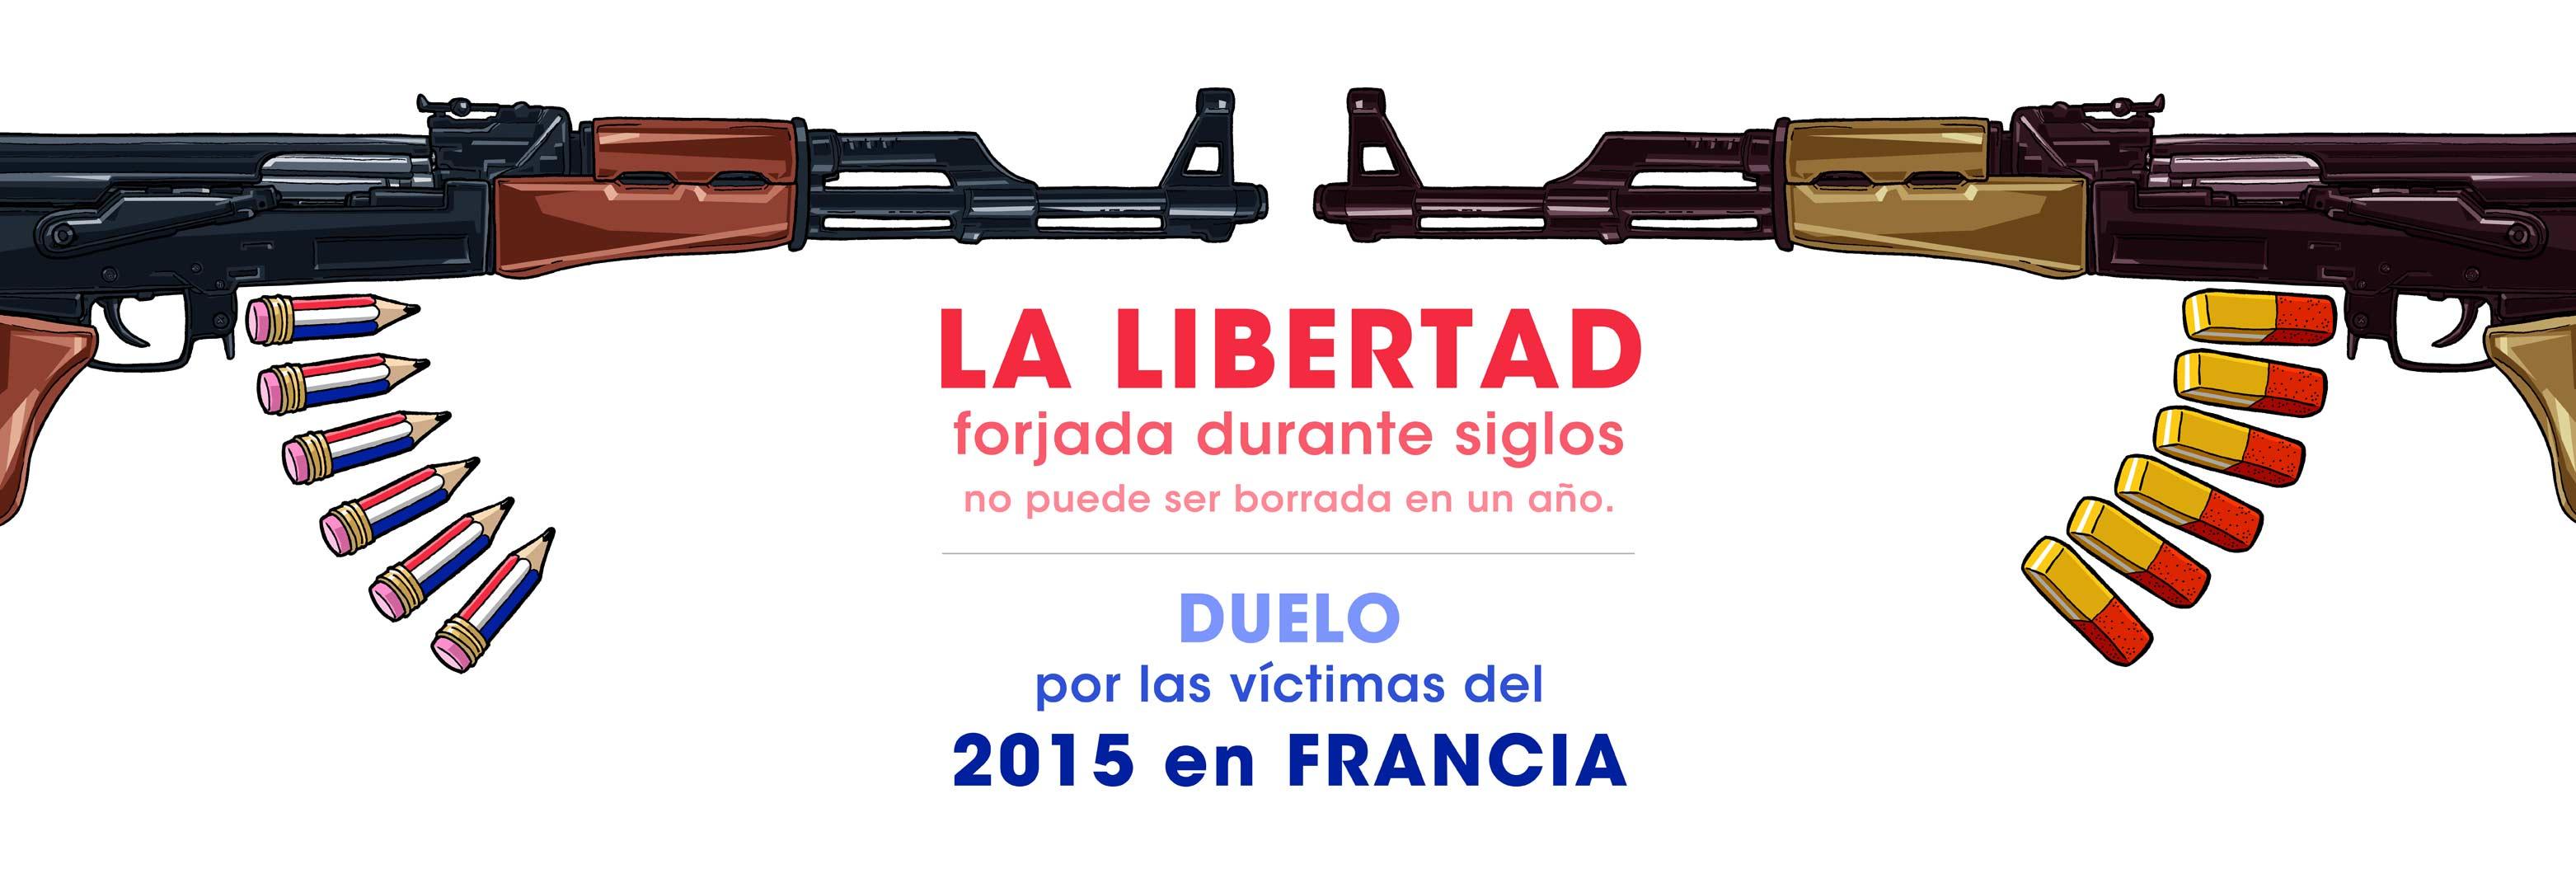 DUELO por las víctimas del 2015 en FRANCIA